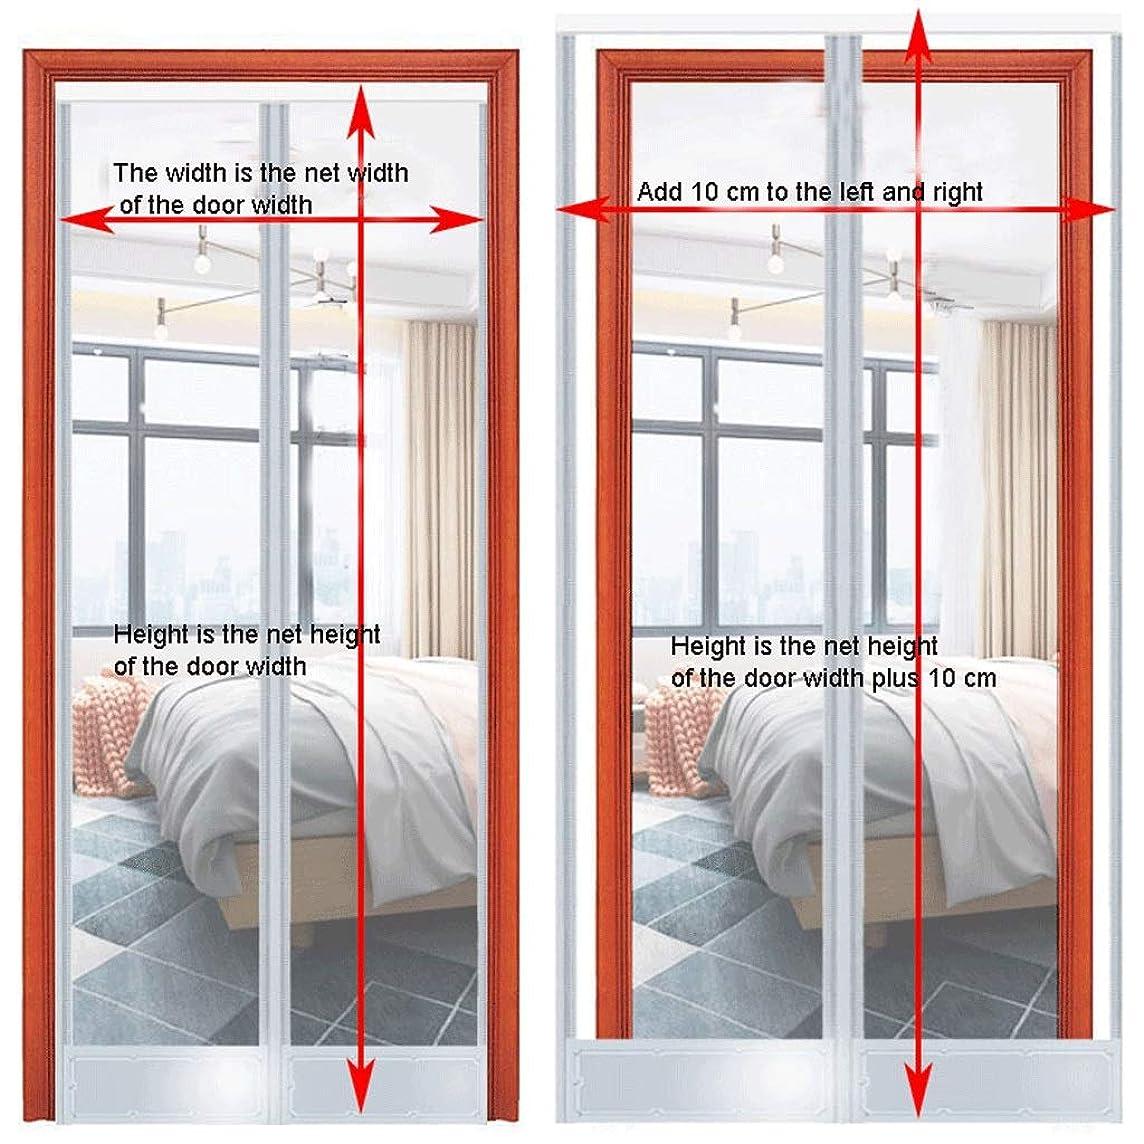 衣類理由交差点パーティションカーテン - フロントガラスガラスポリ塩化ビニールの柔らかいカーテンマグネットエアコンアンチコールドエアカーテン (色 : Gray (2.5 mm weight), サイズ さいず : 45×220cm)